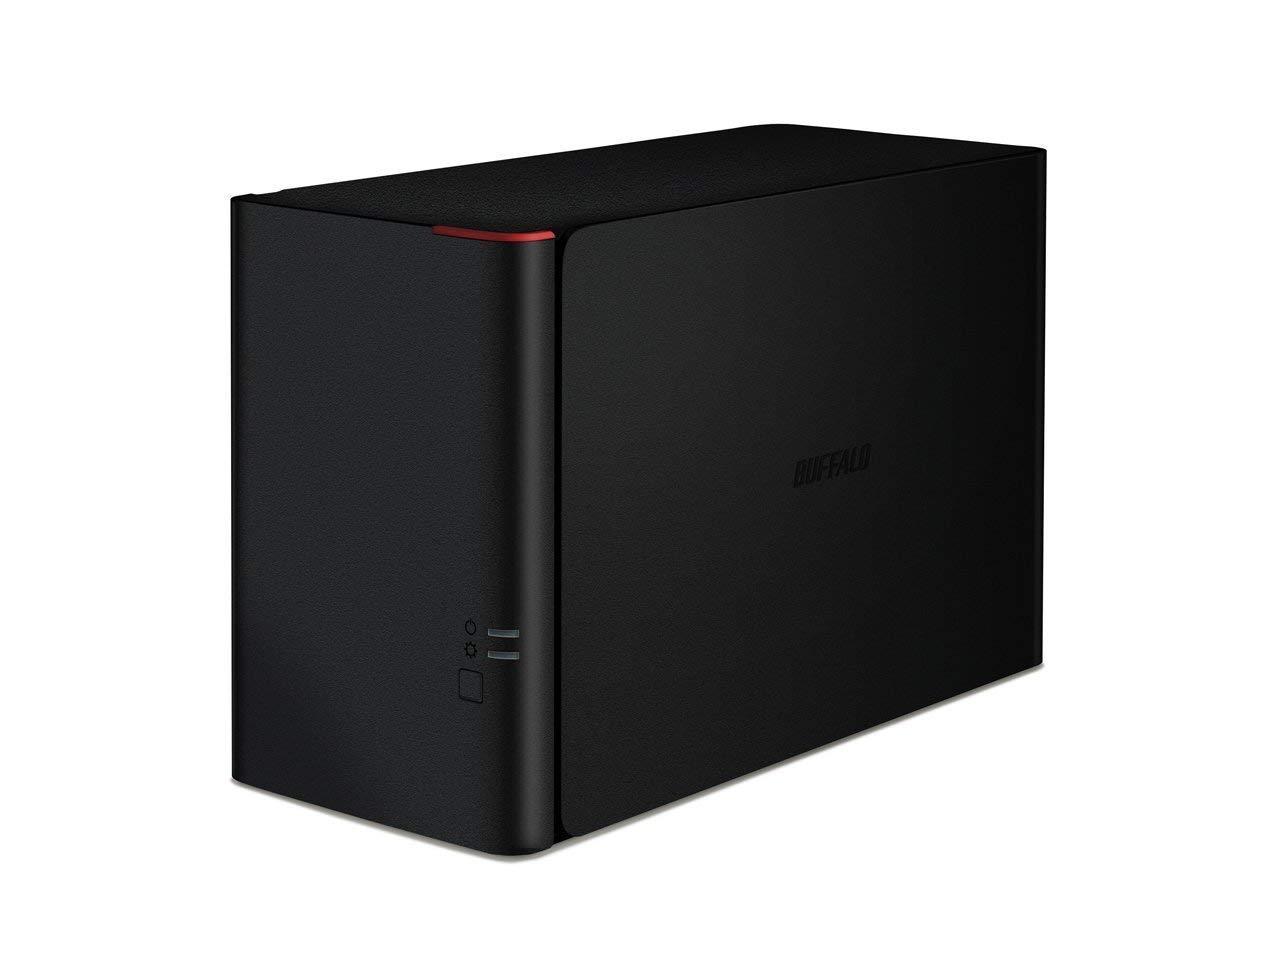 TeraStation 1200 4TB NAS